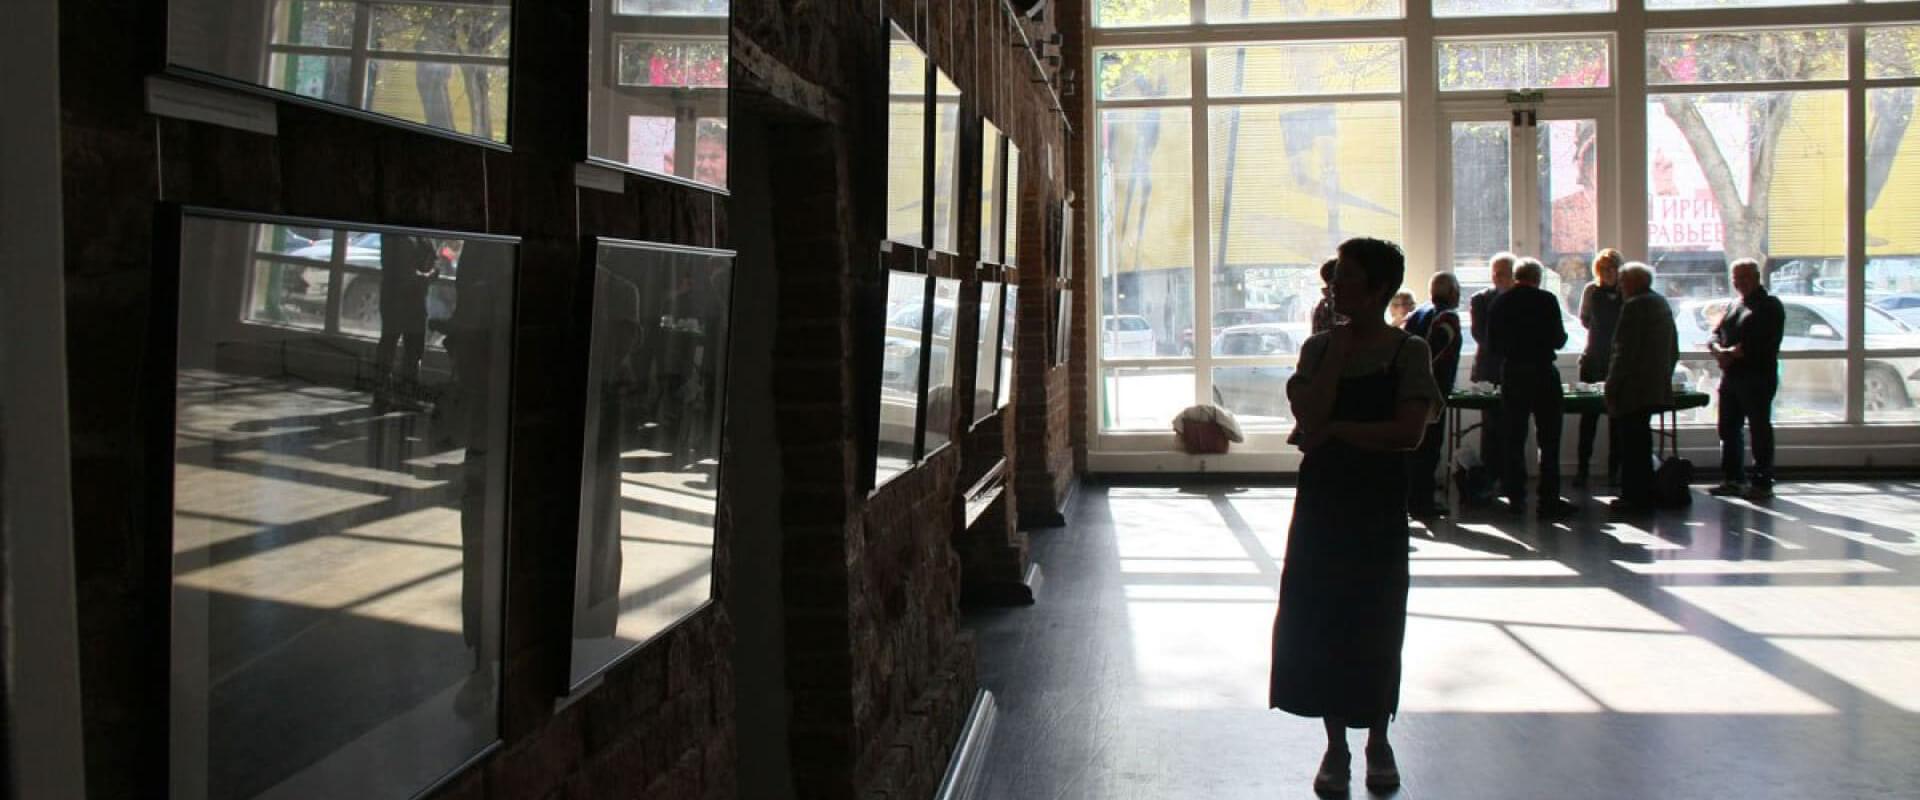 Музей истории Екатеринбурга. Куда сходить в Екатеринбурге